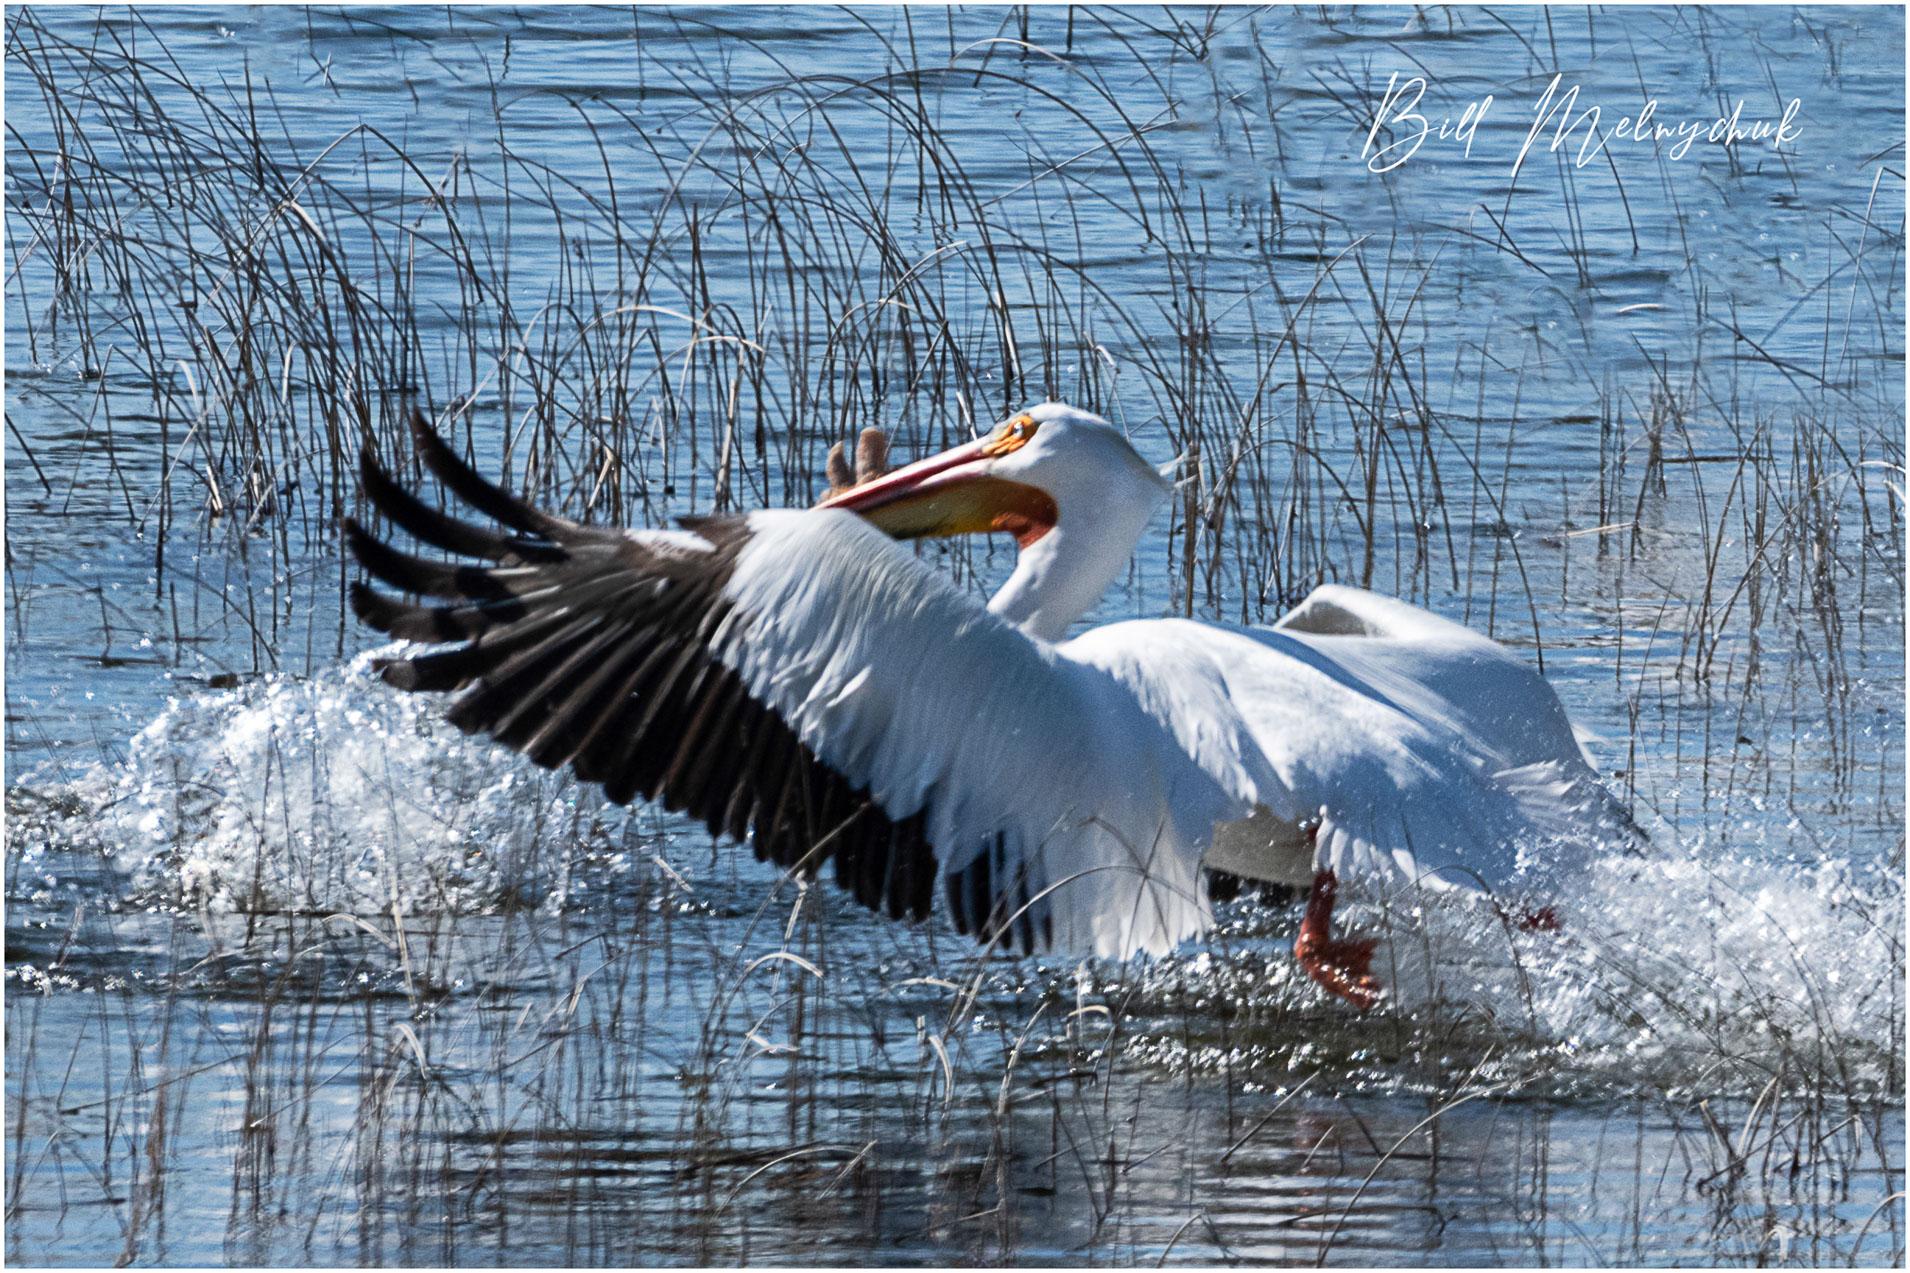 005_GMP1430-American White Pelican - Bill Melnychuk